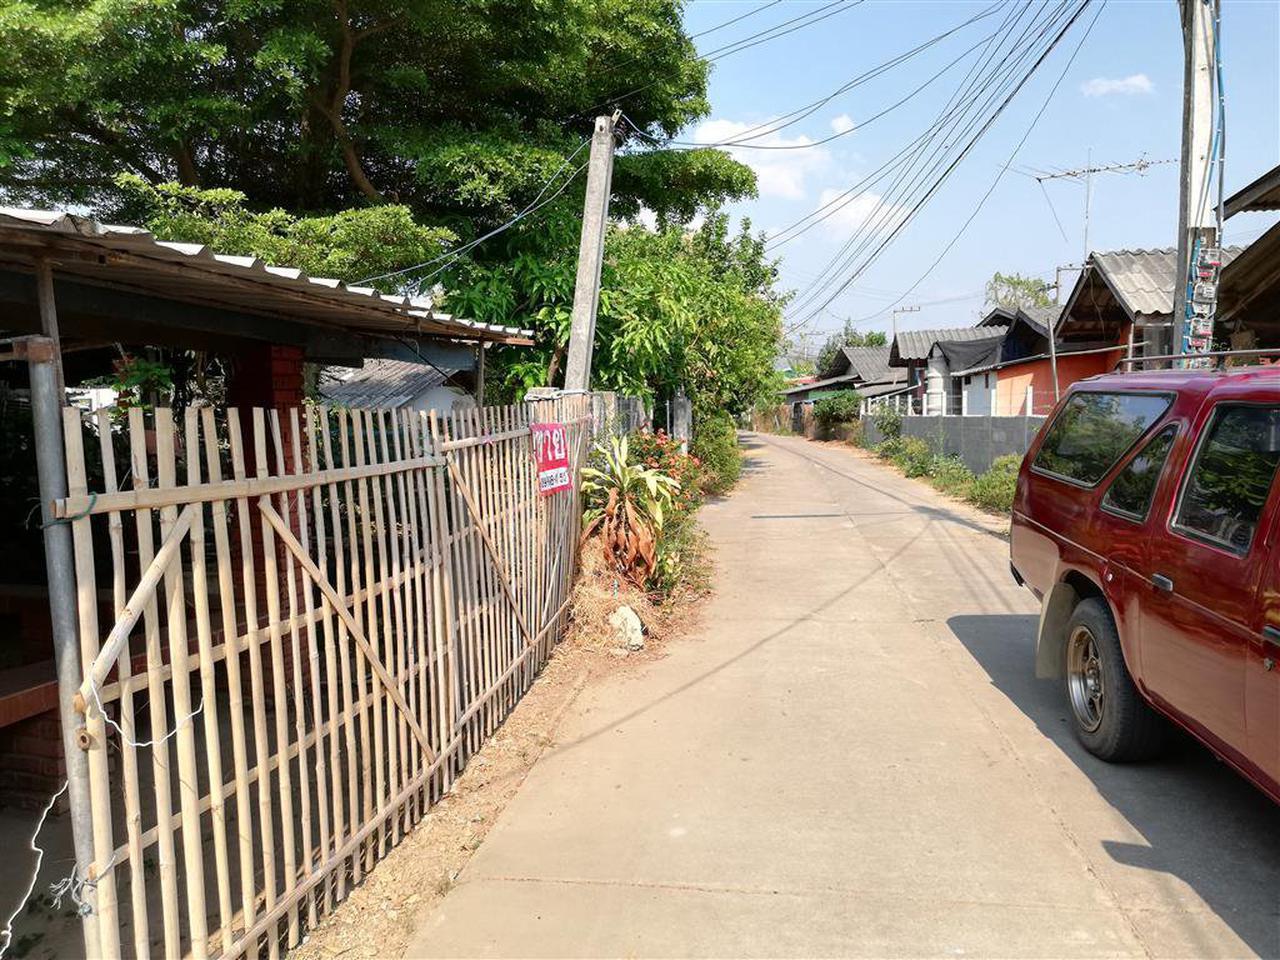 SS159ขายบ้านพร้อมที่ดิน114ตรว.ติดทางสาธารณประโยชน์ ที่เข้ามา รูปที่ 4